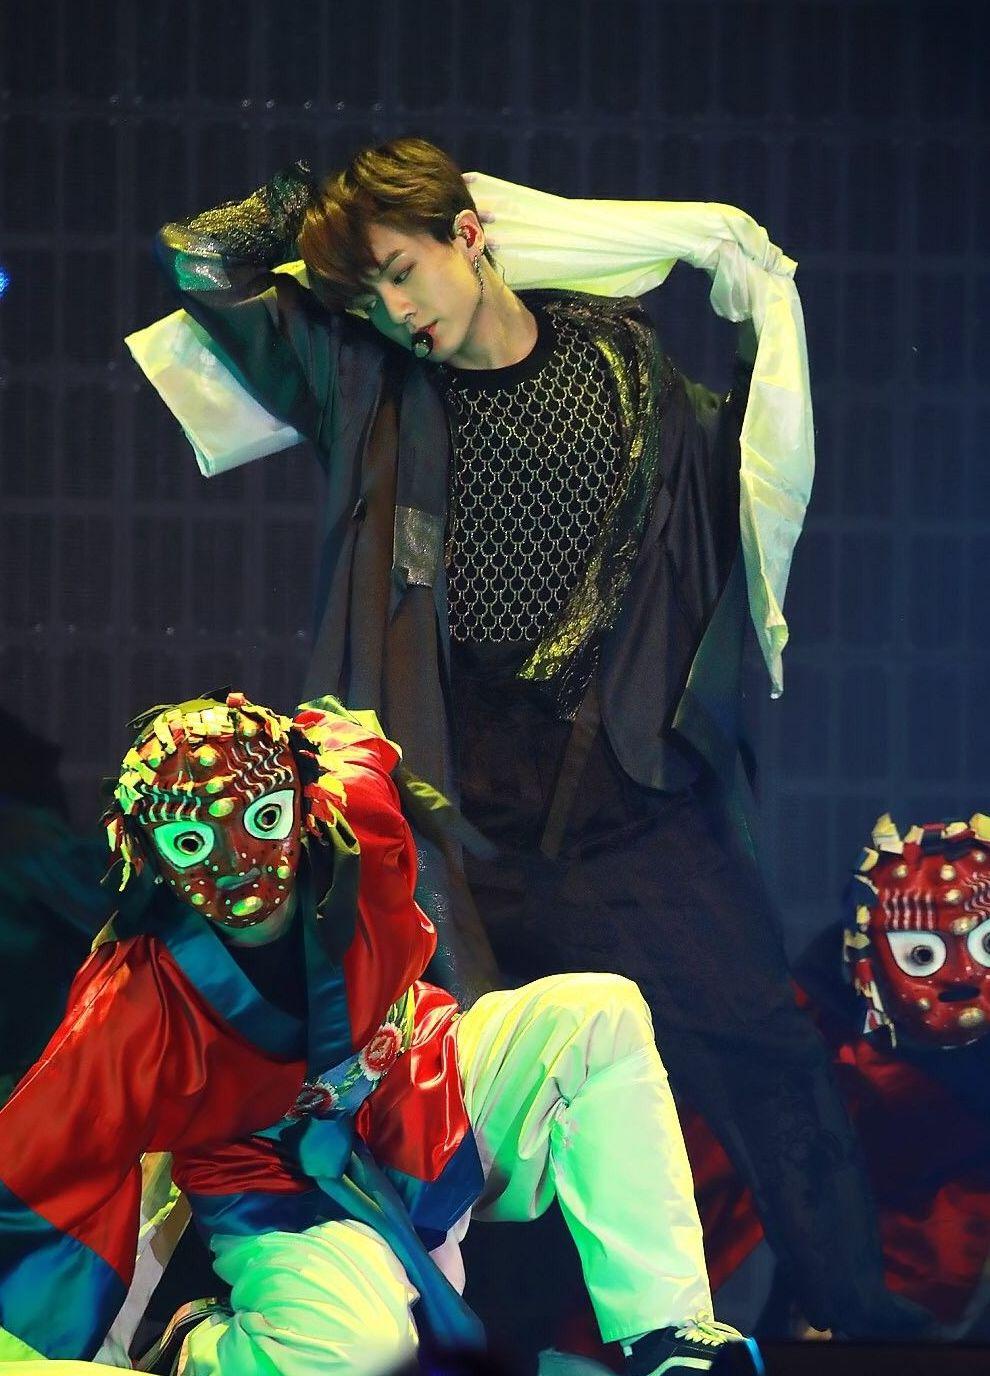 jungkook của bts